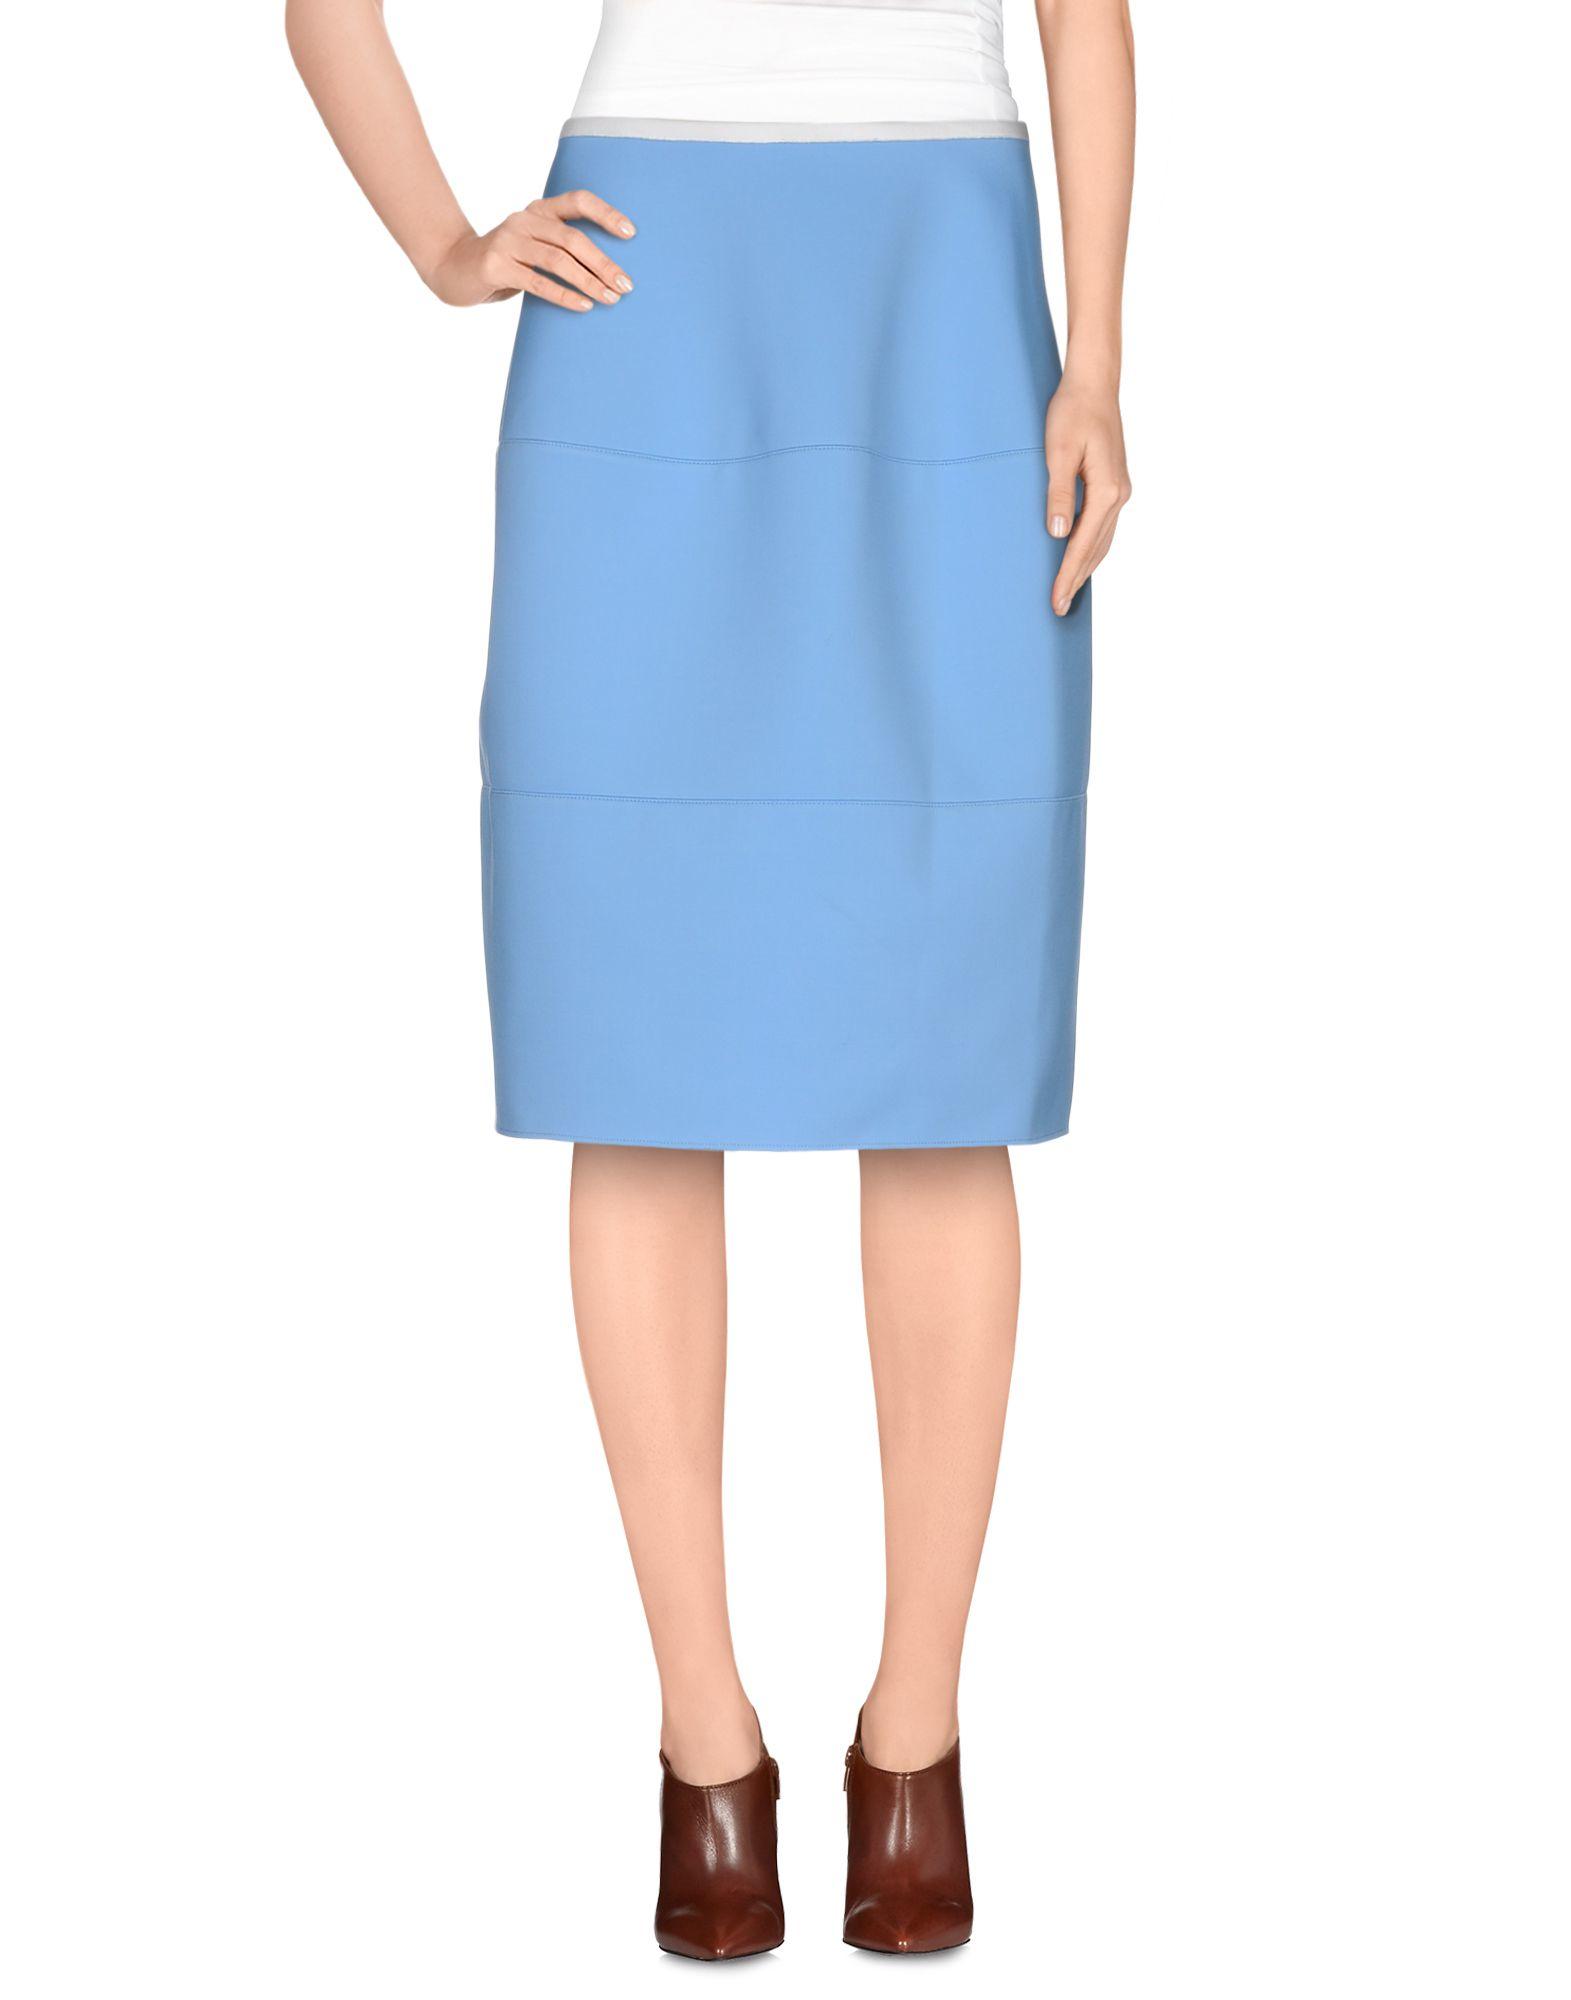 jil sander navy knee length skirt in blue lyst